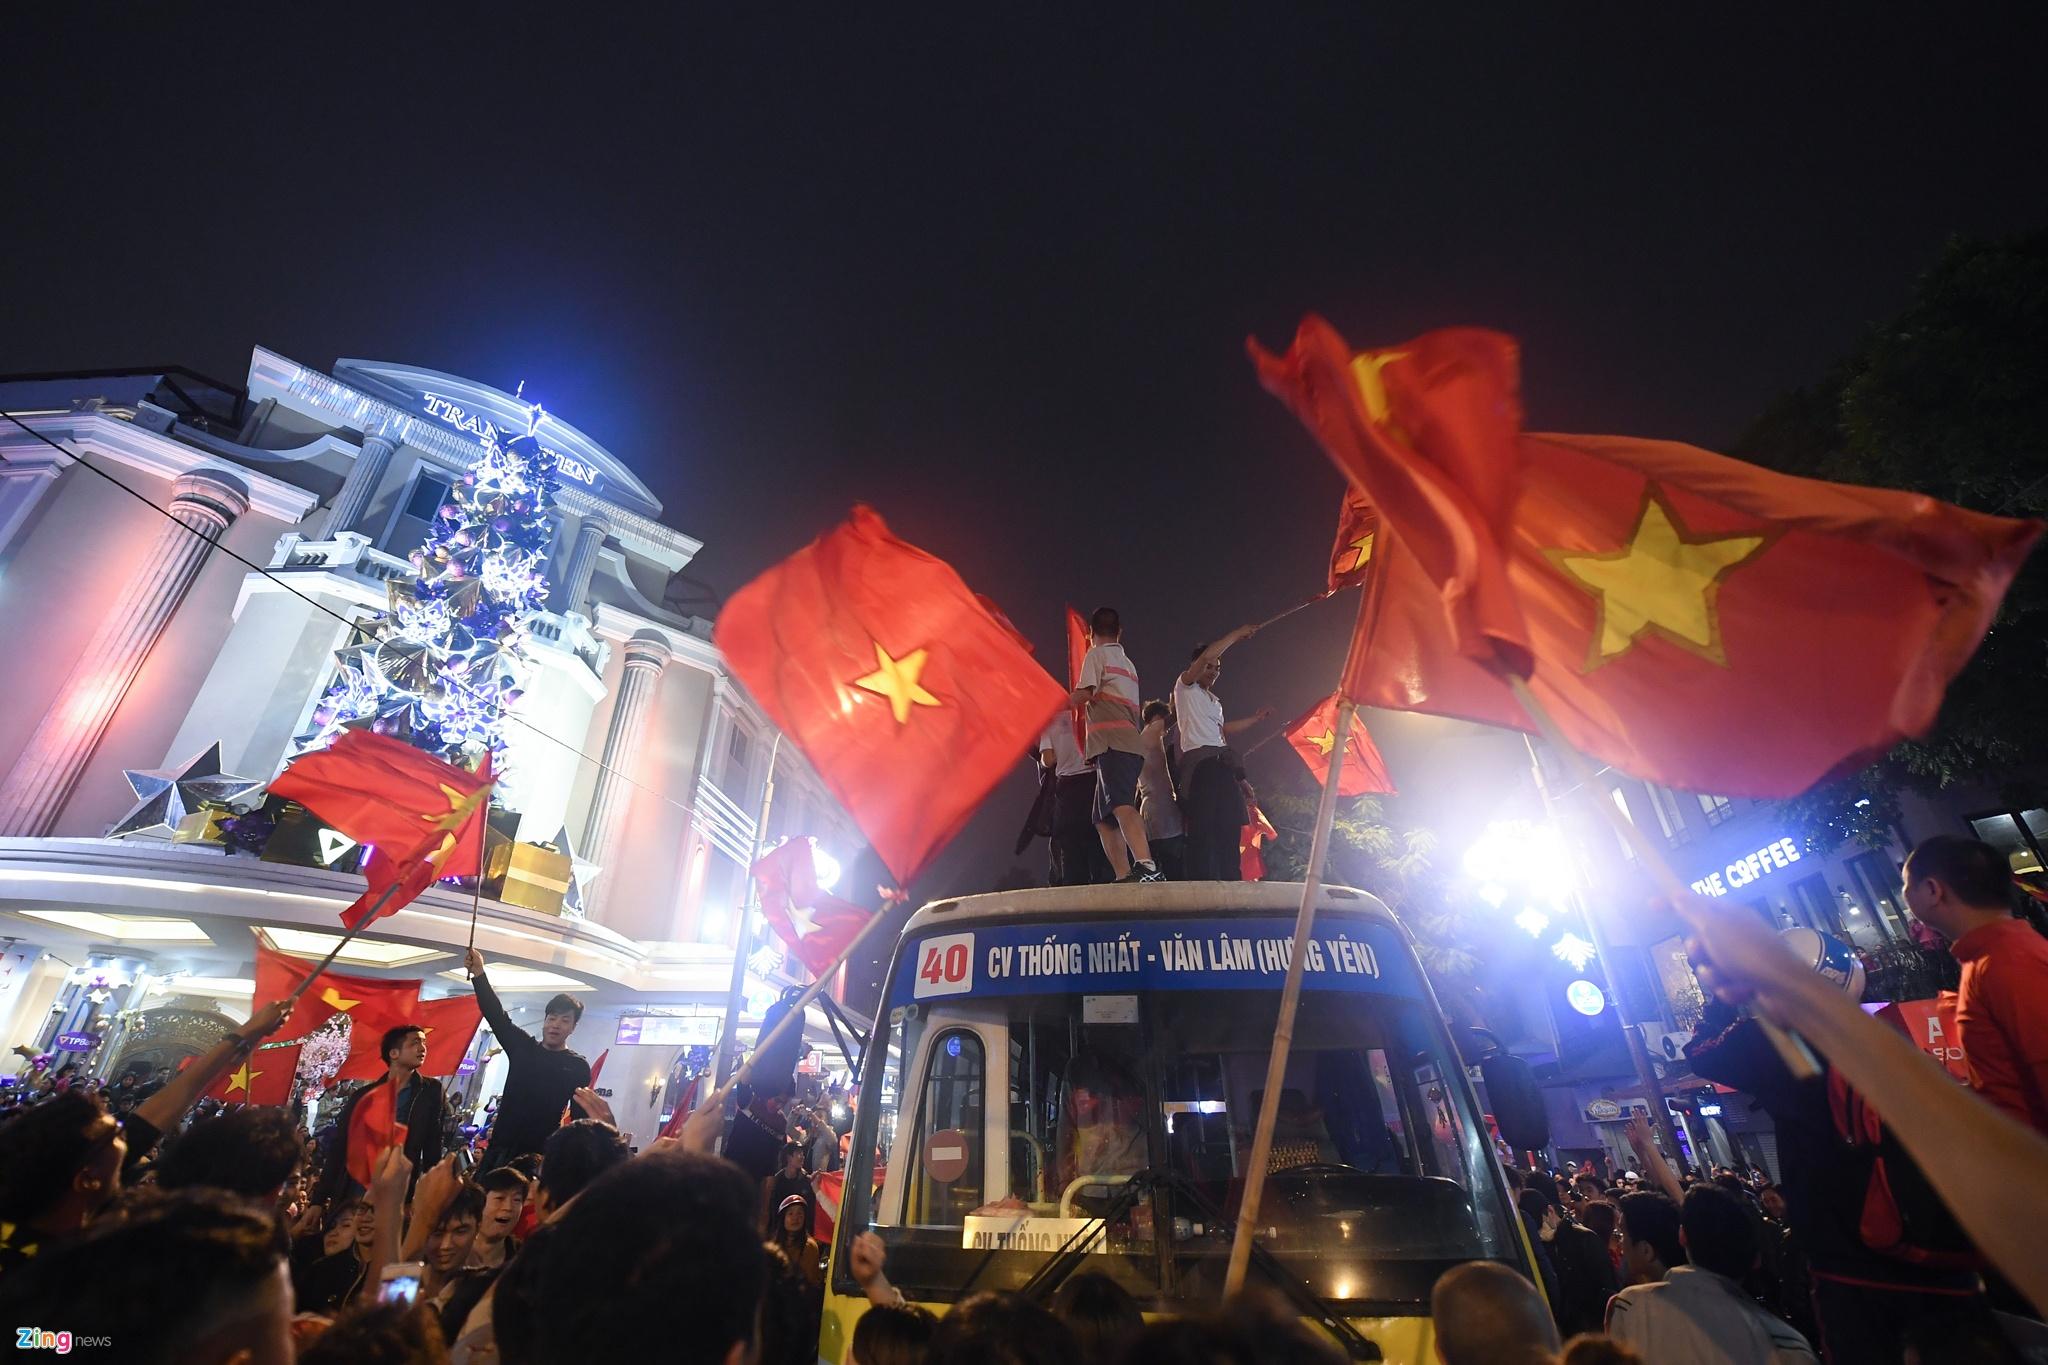 Đã 10 năm kể từ khi tuyển Việt Nam vô địch AFF Cup 2008, hôm nay người hâm  mộ bóng đá mới có dịp ăn mừng lớn.